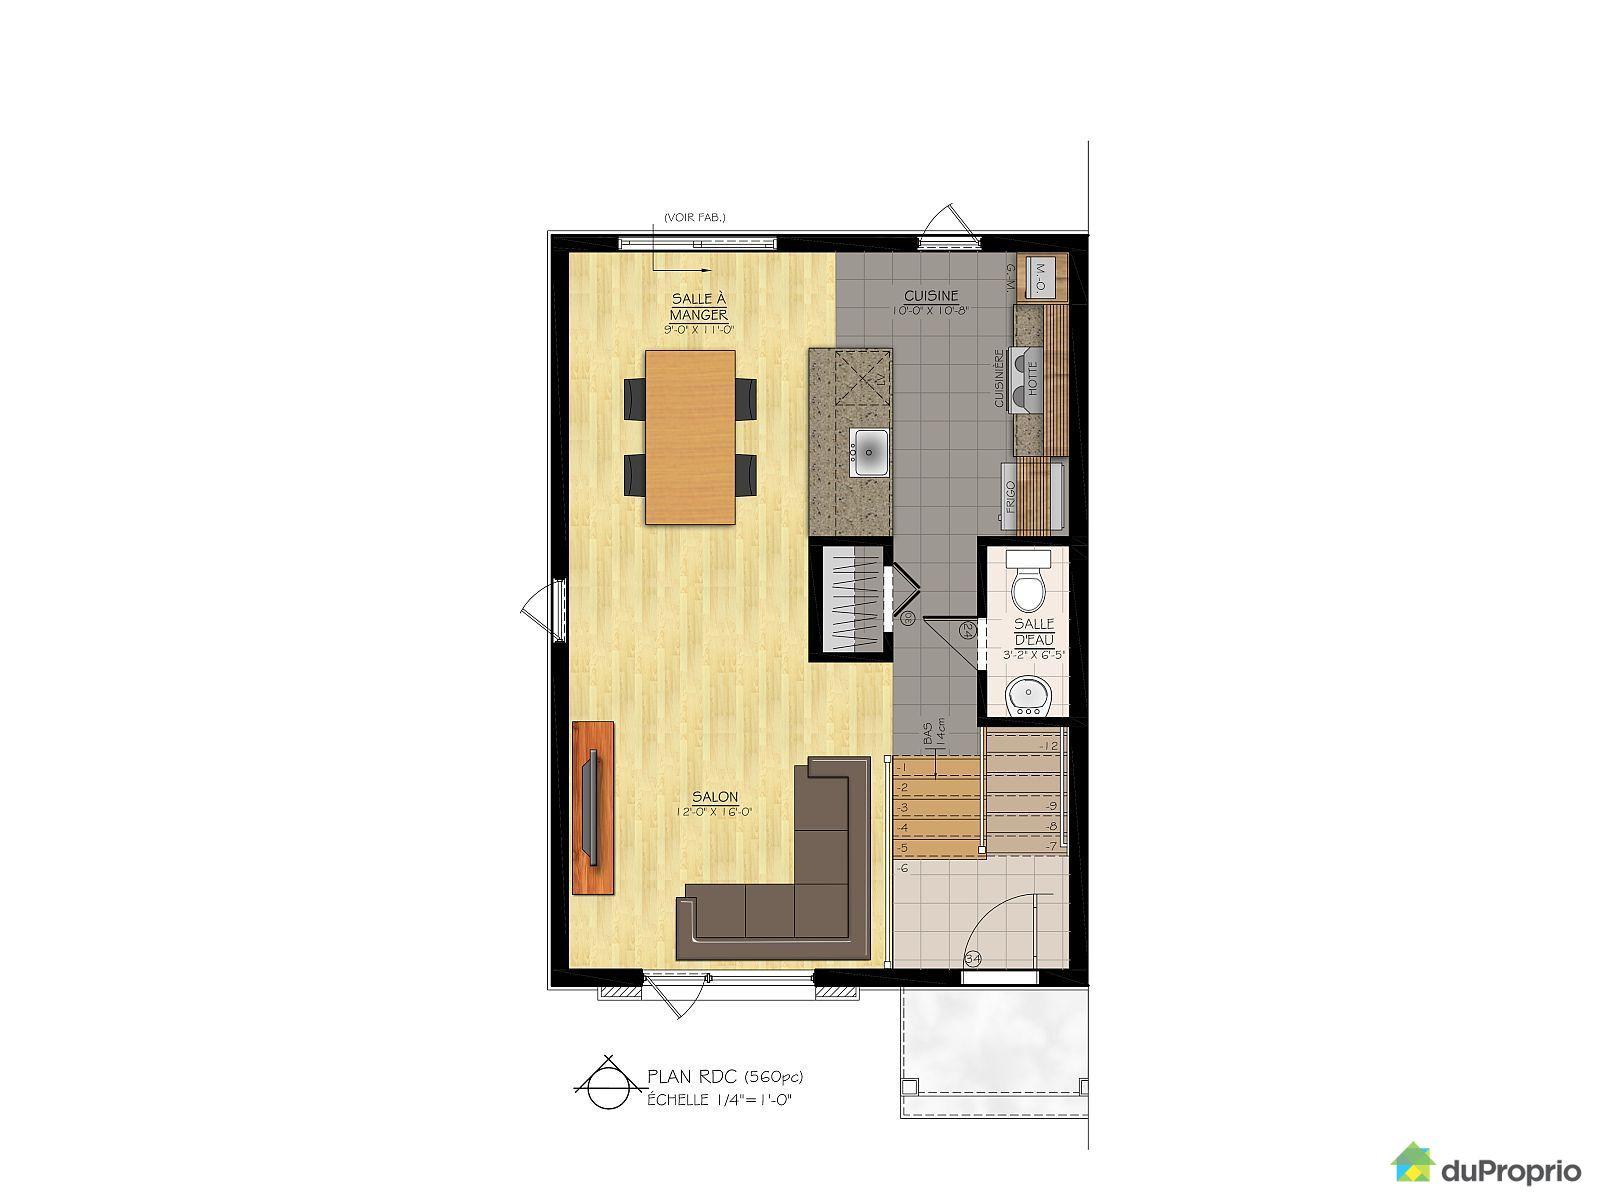 Maison neuve vendre st apollinaire mod le l 39 esp rance - Plan de maison quebec ...